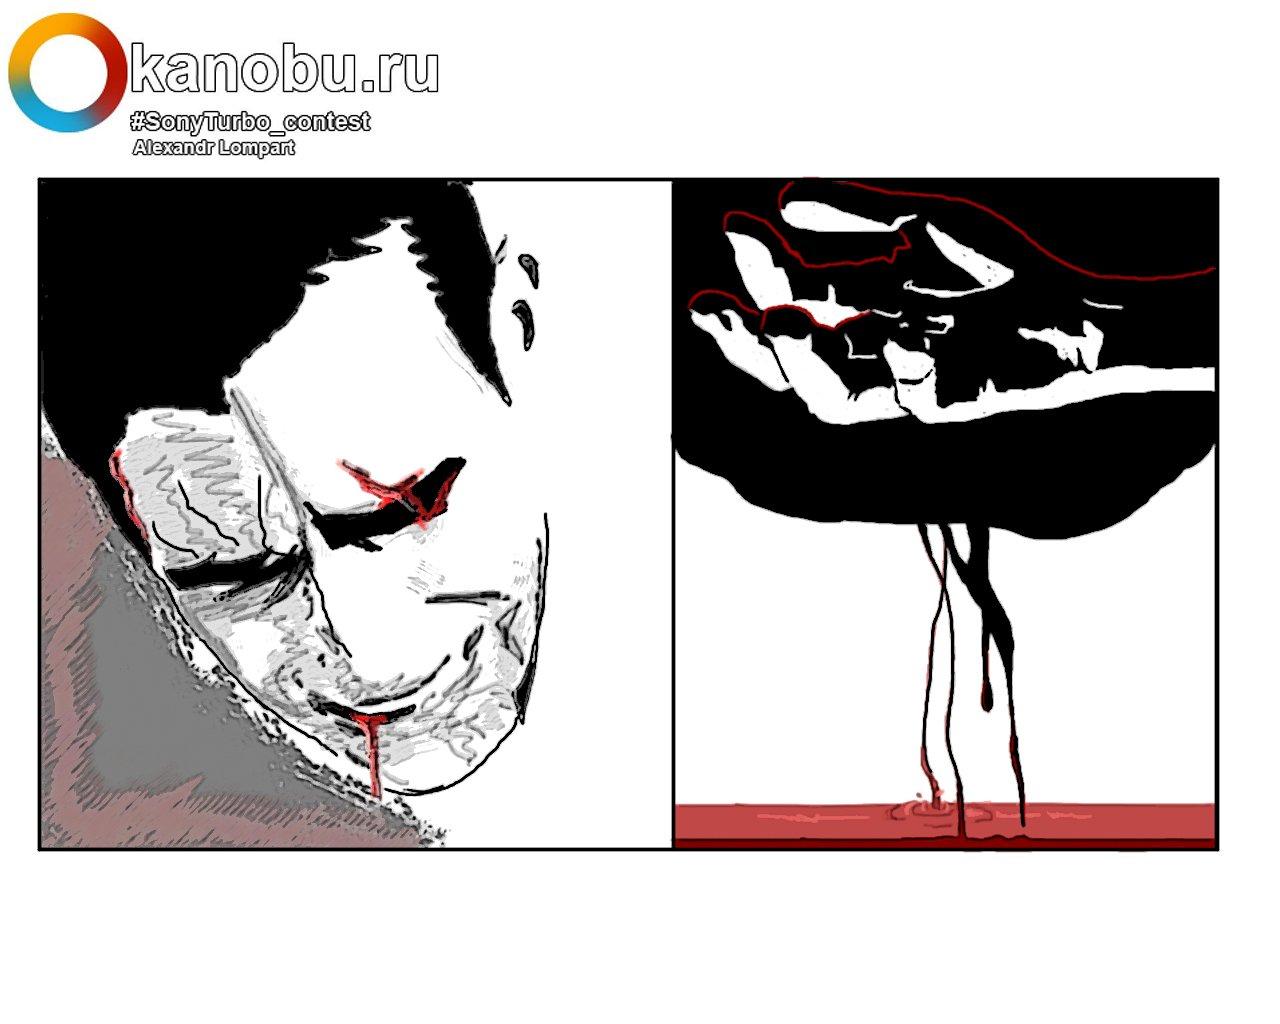 Джеймс Боуви. - Изображение 2